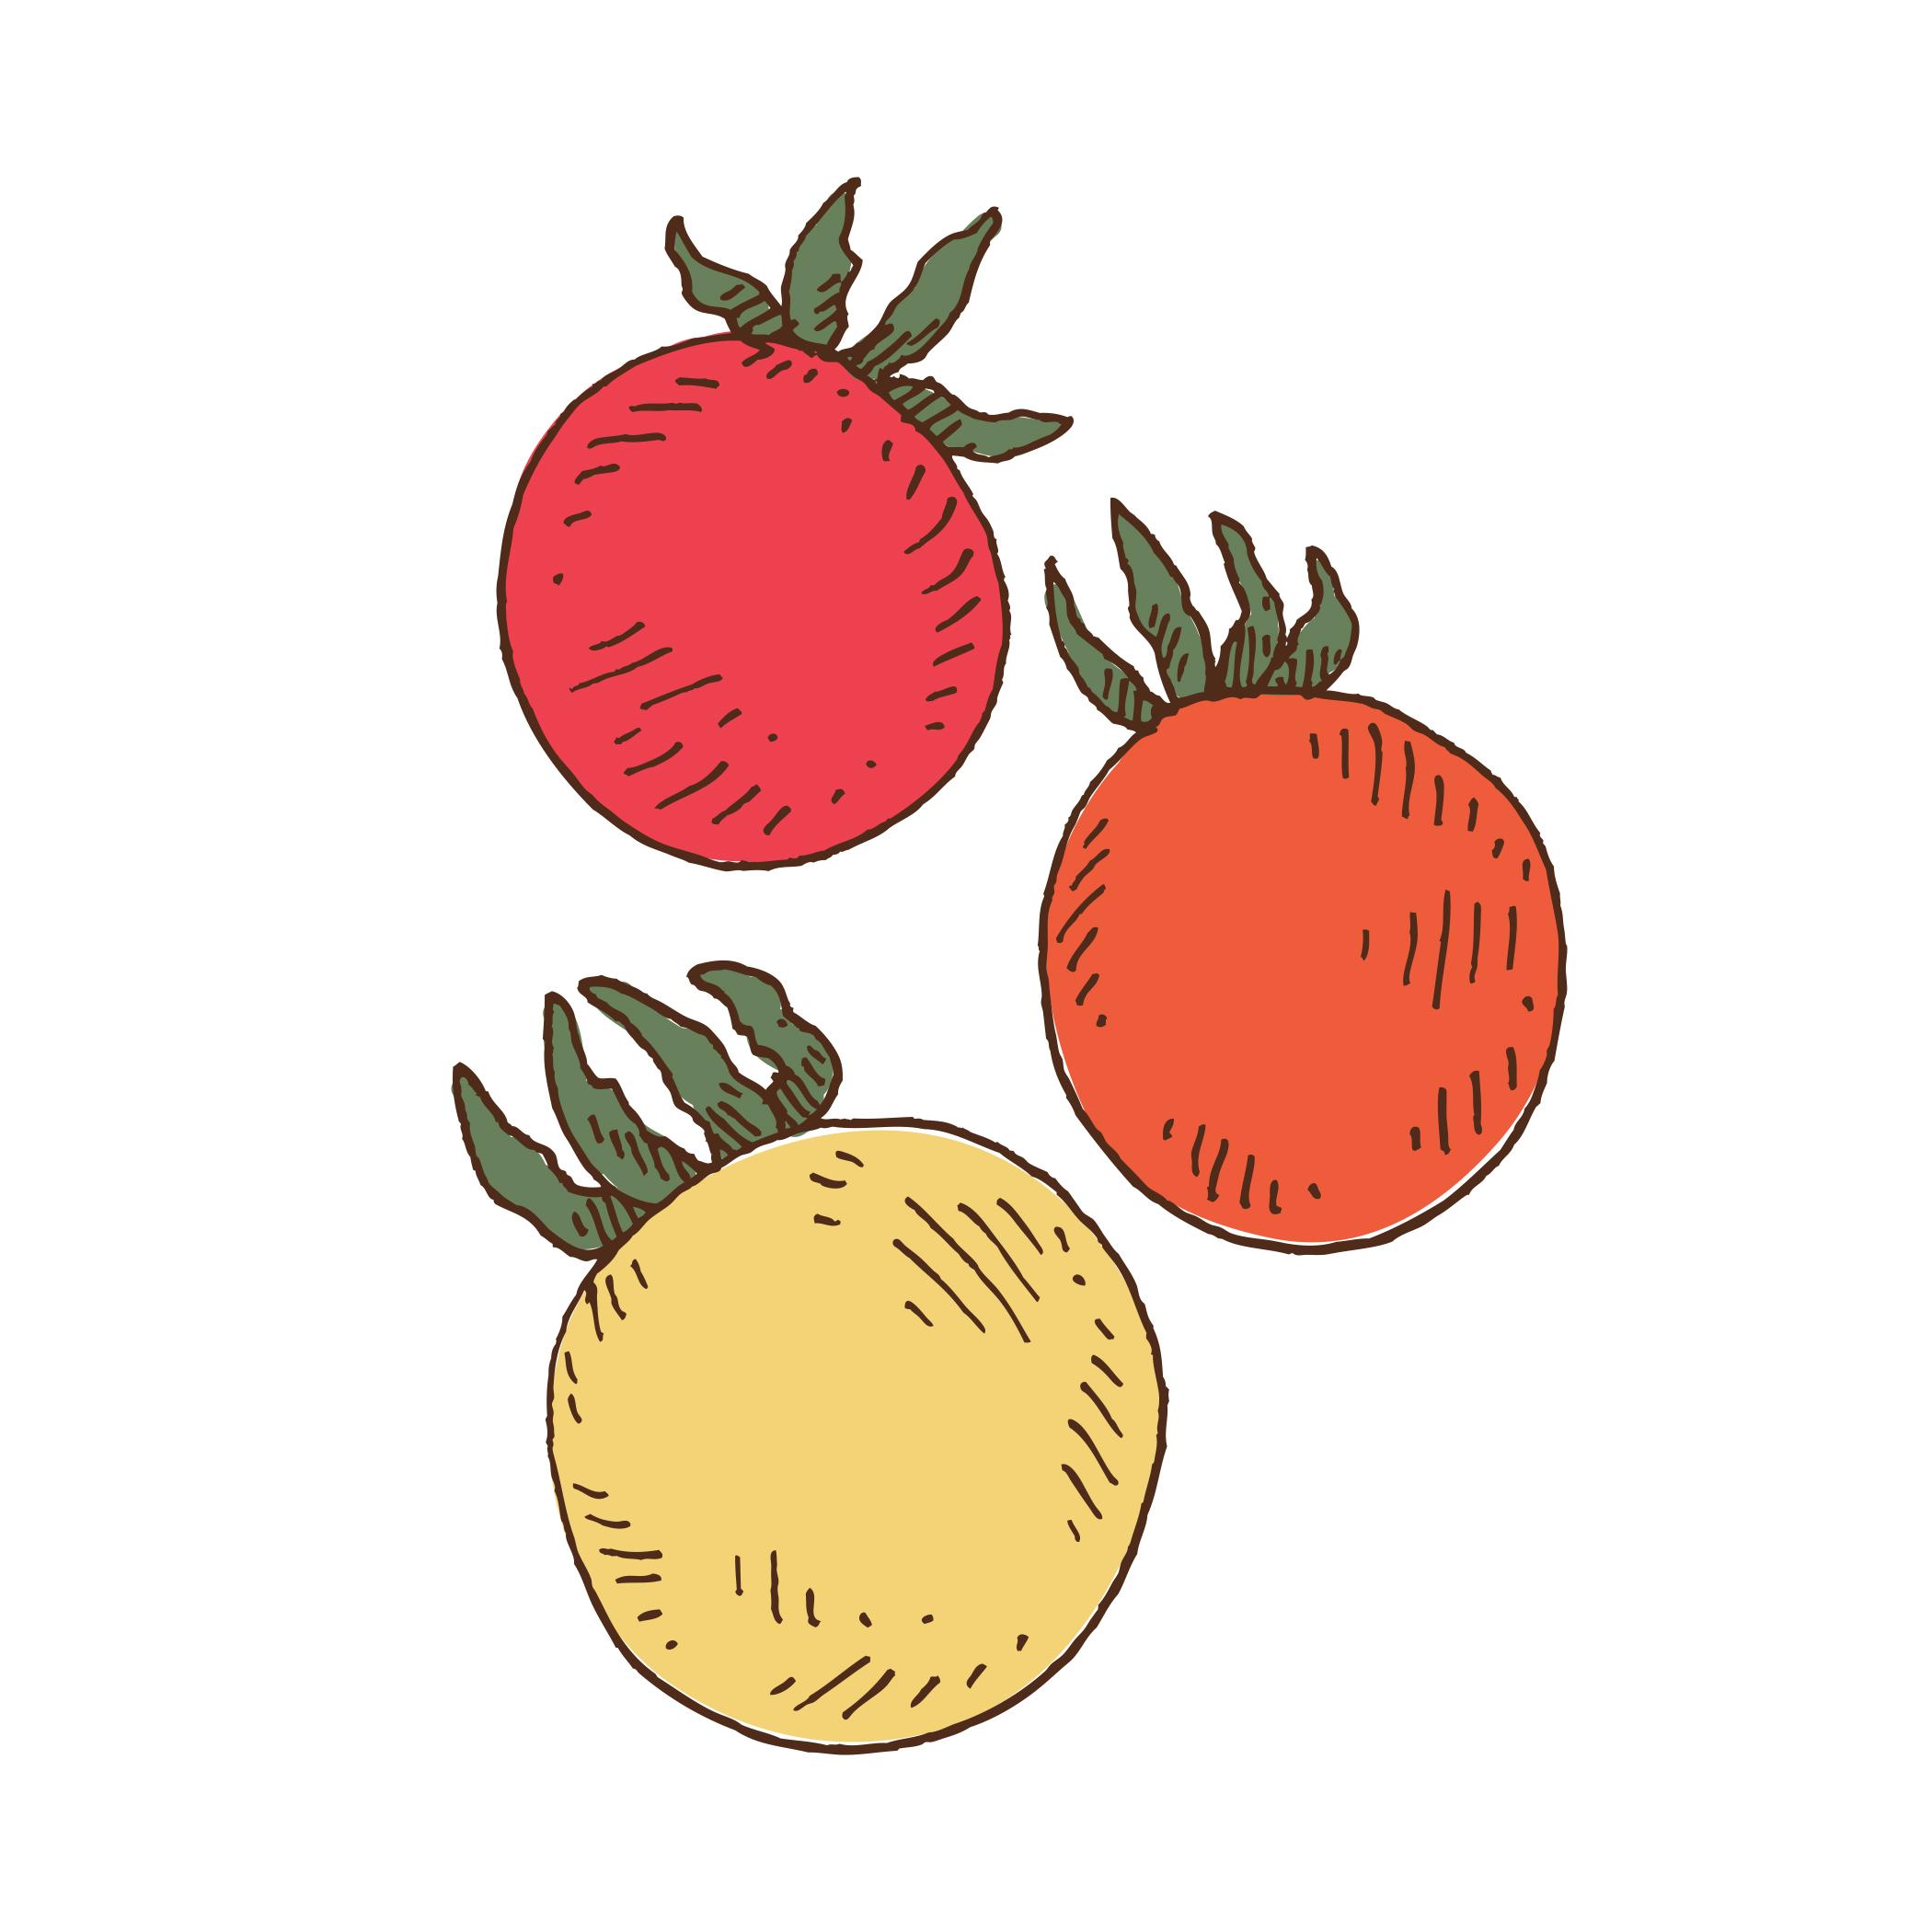 Tomatoes (three cherries)